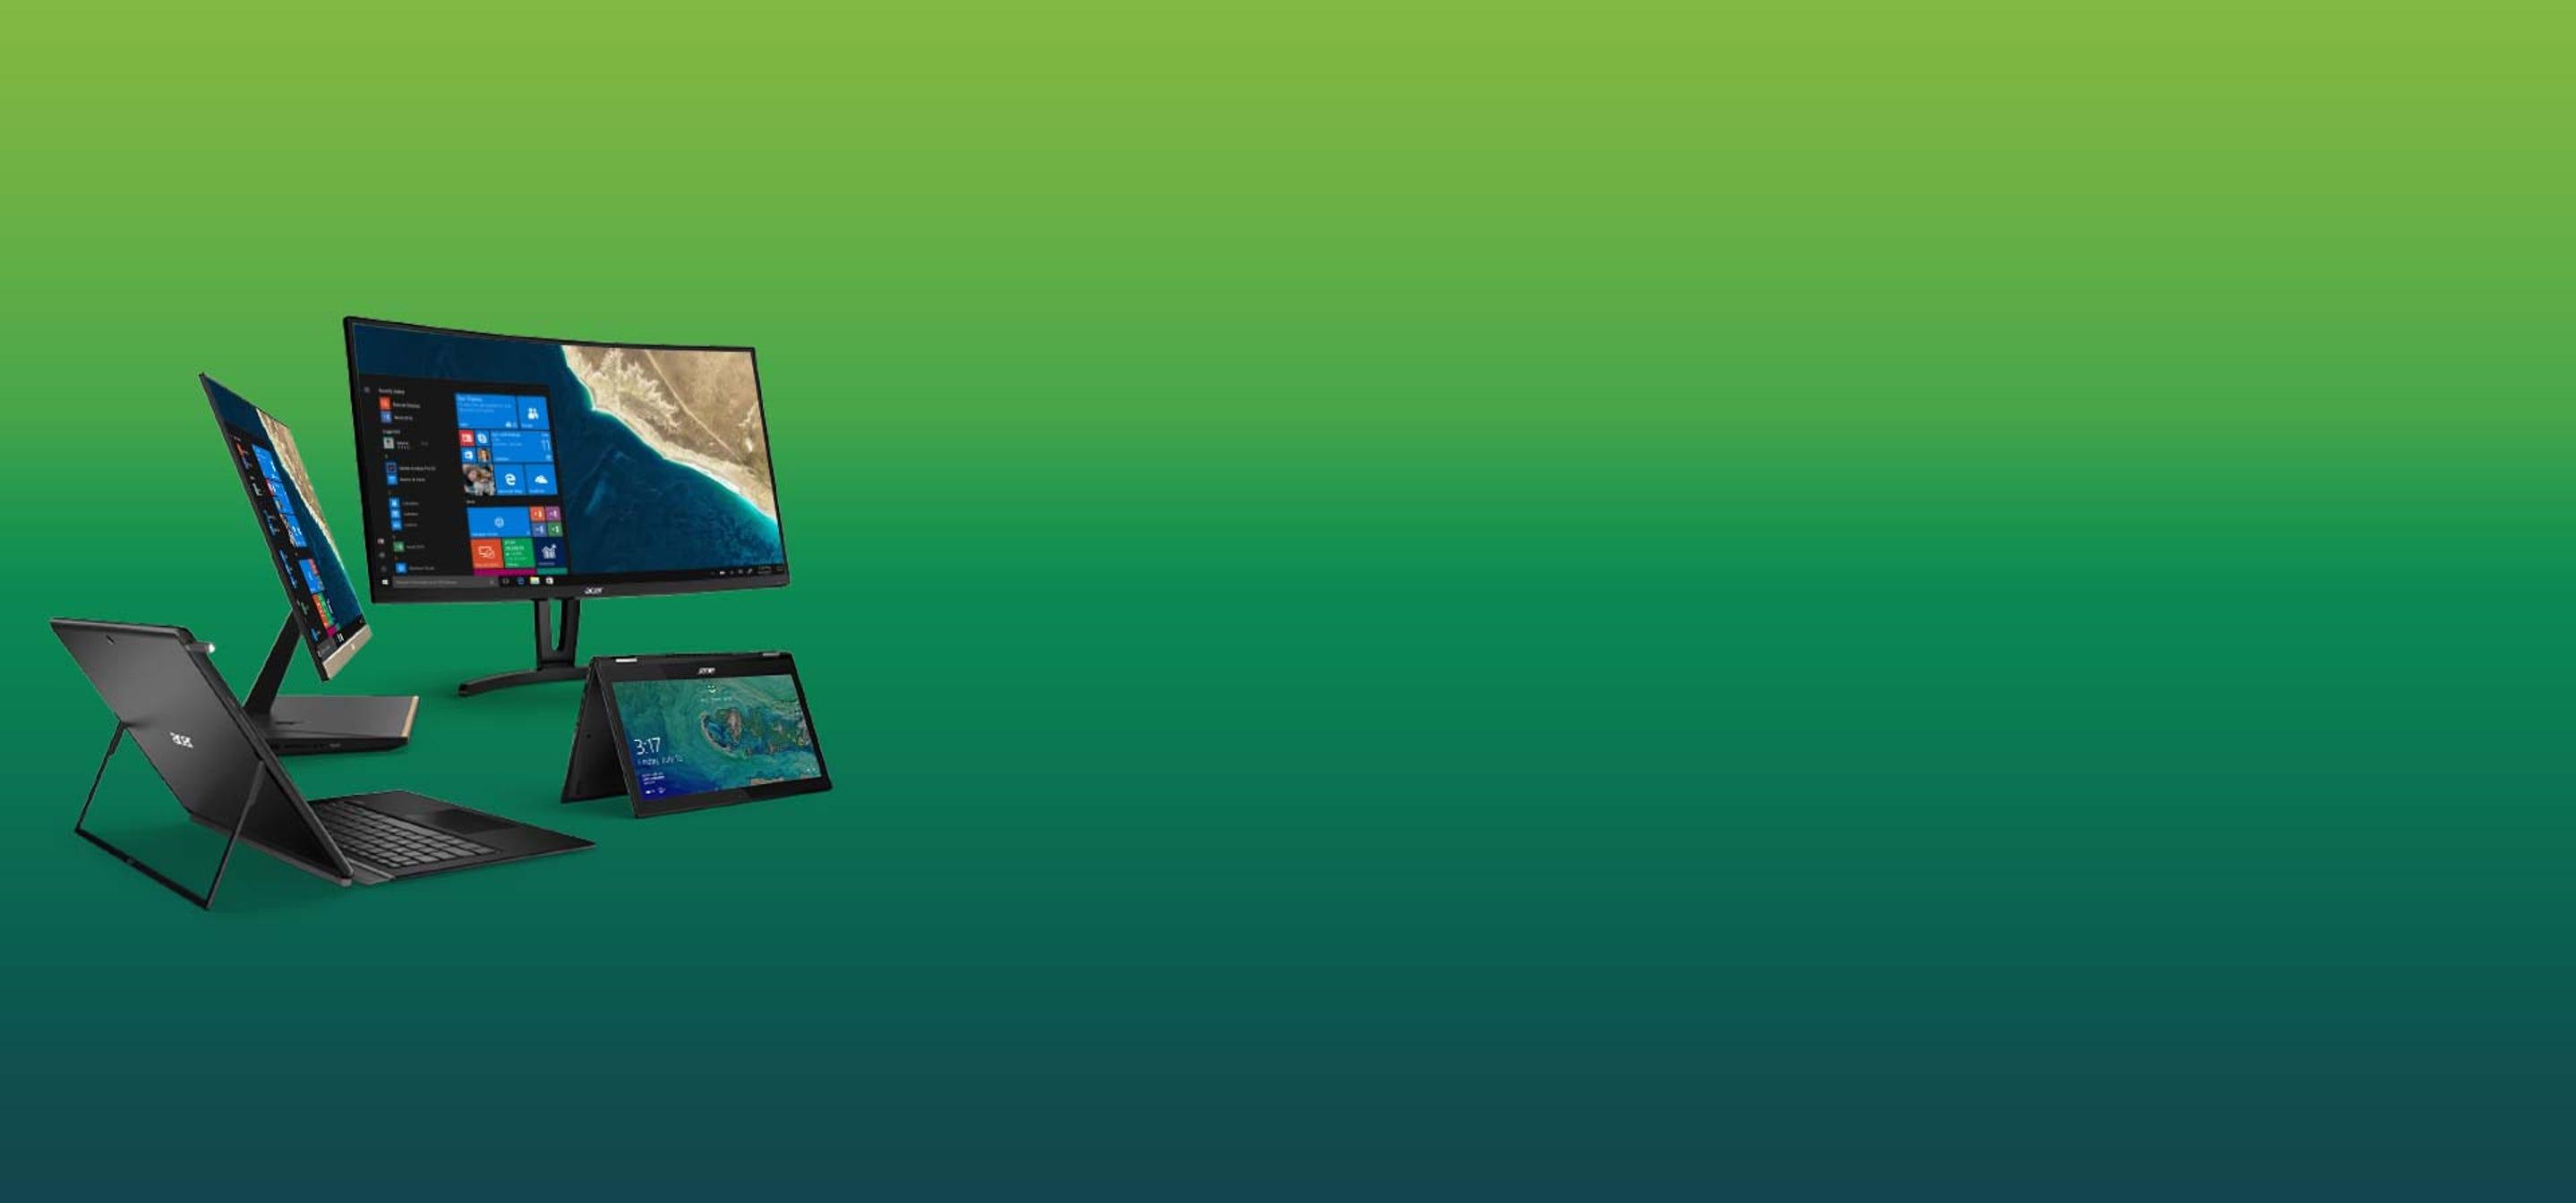 Acer Laptops Monitors Desktop Computers Best Buy Canada